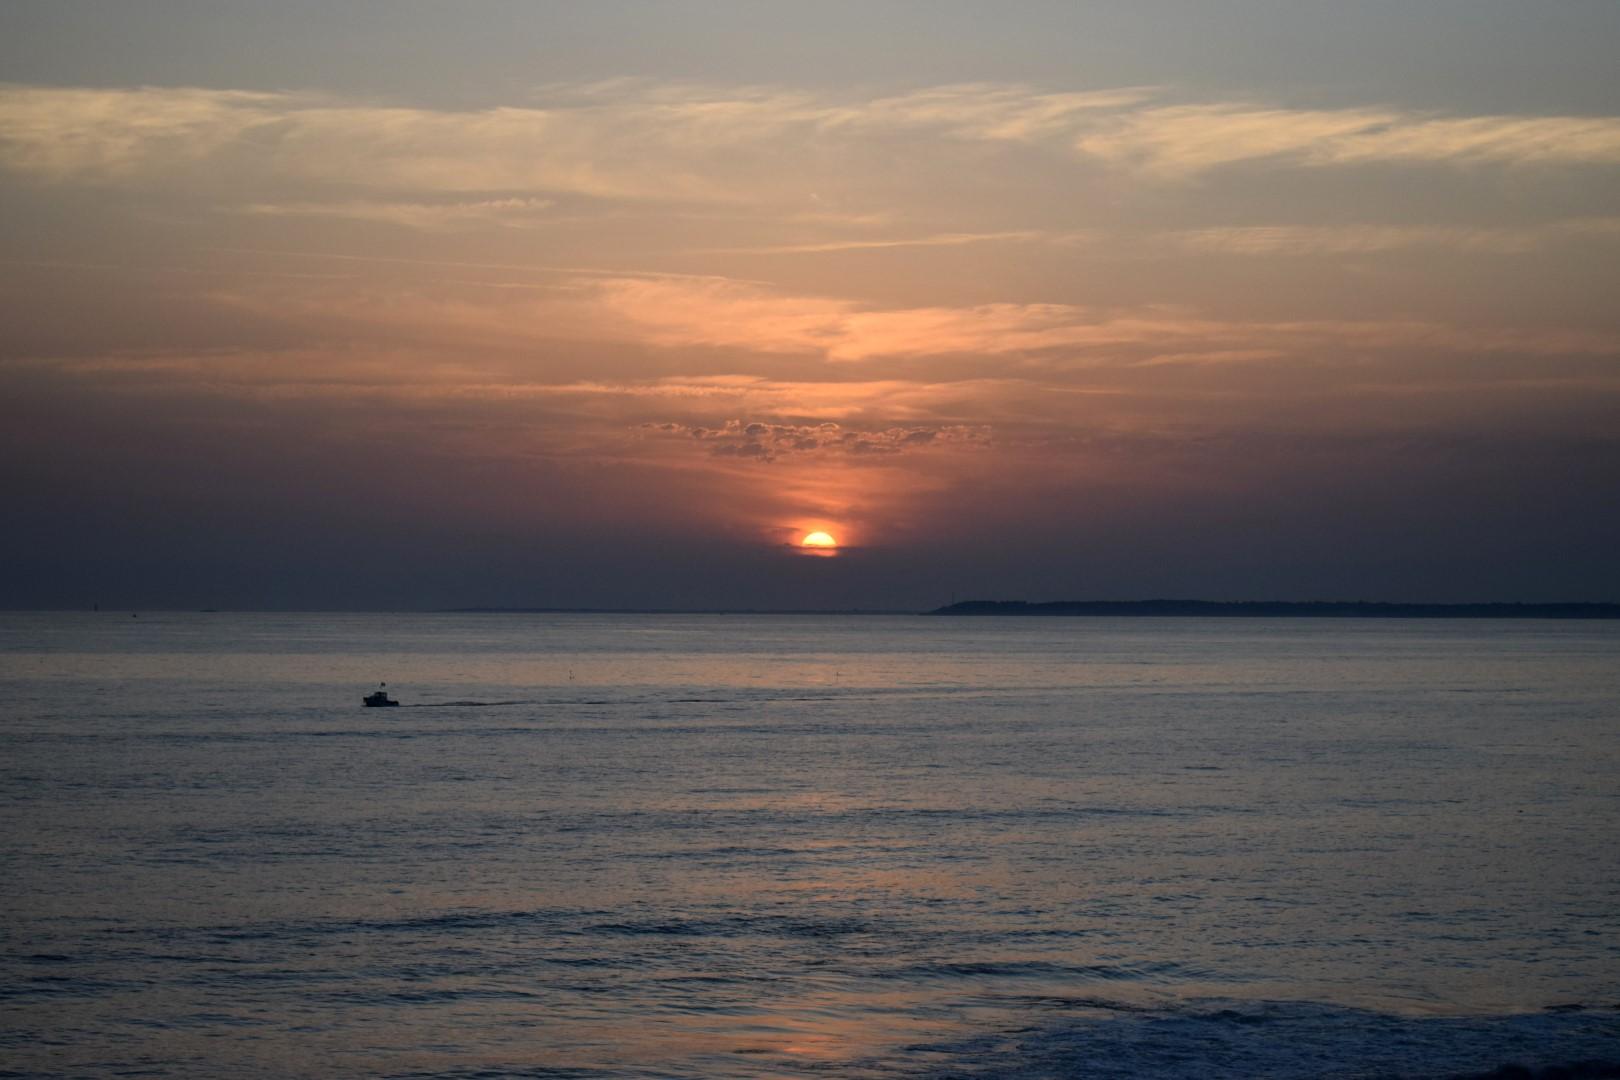 Sunset on Saint-Michel beach